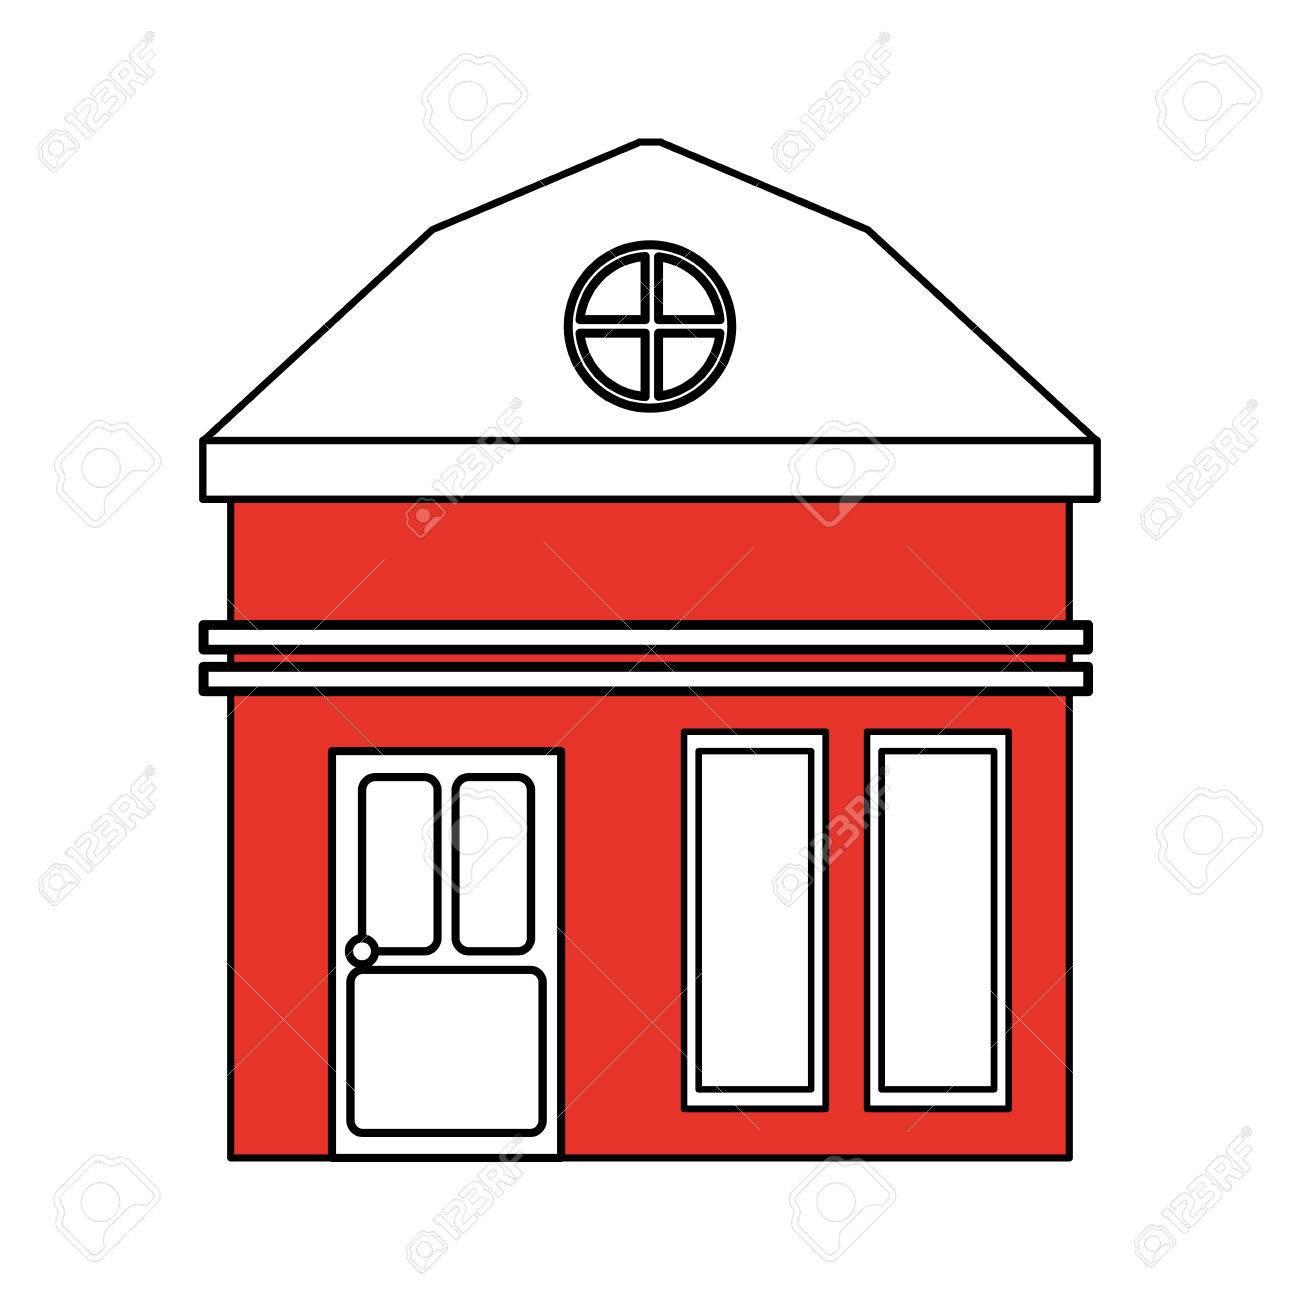 Banque dimages couleur silhouette dessin animé façade rouge petite maison avec illustration vectorielle grenier